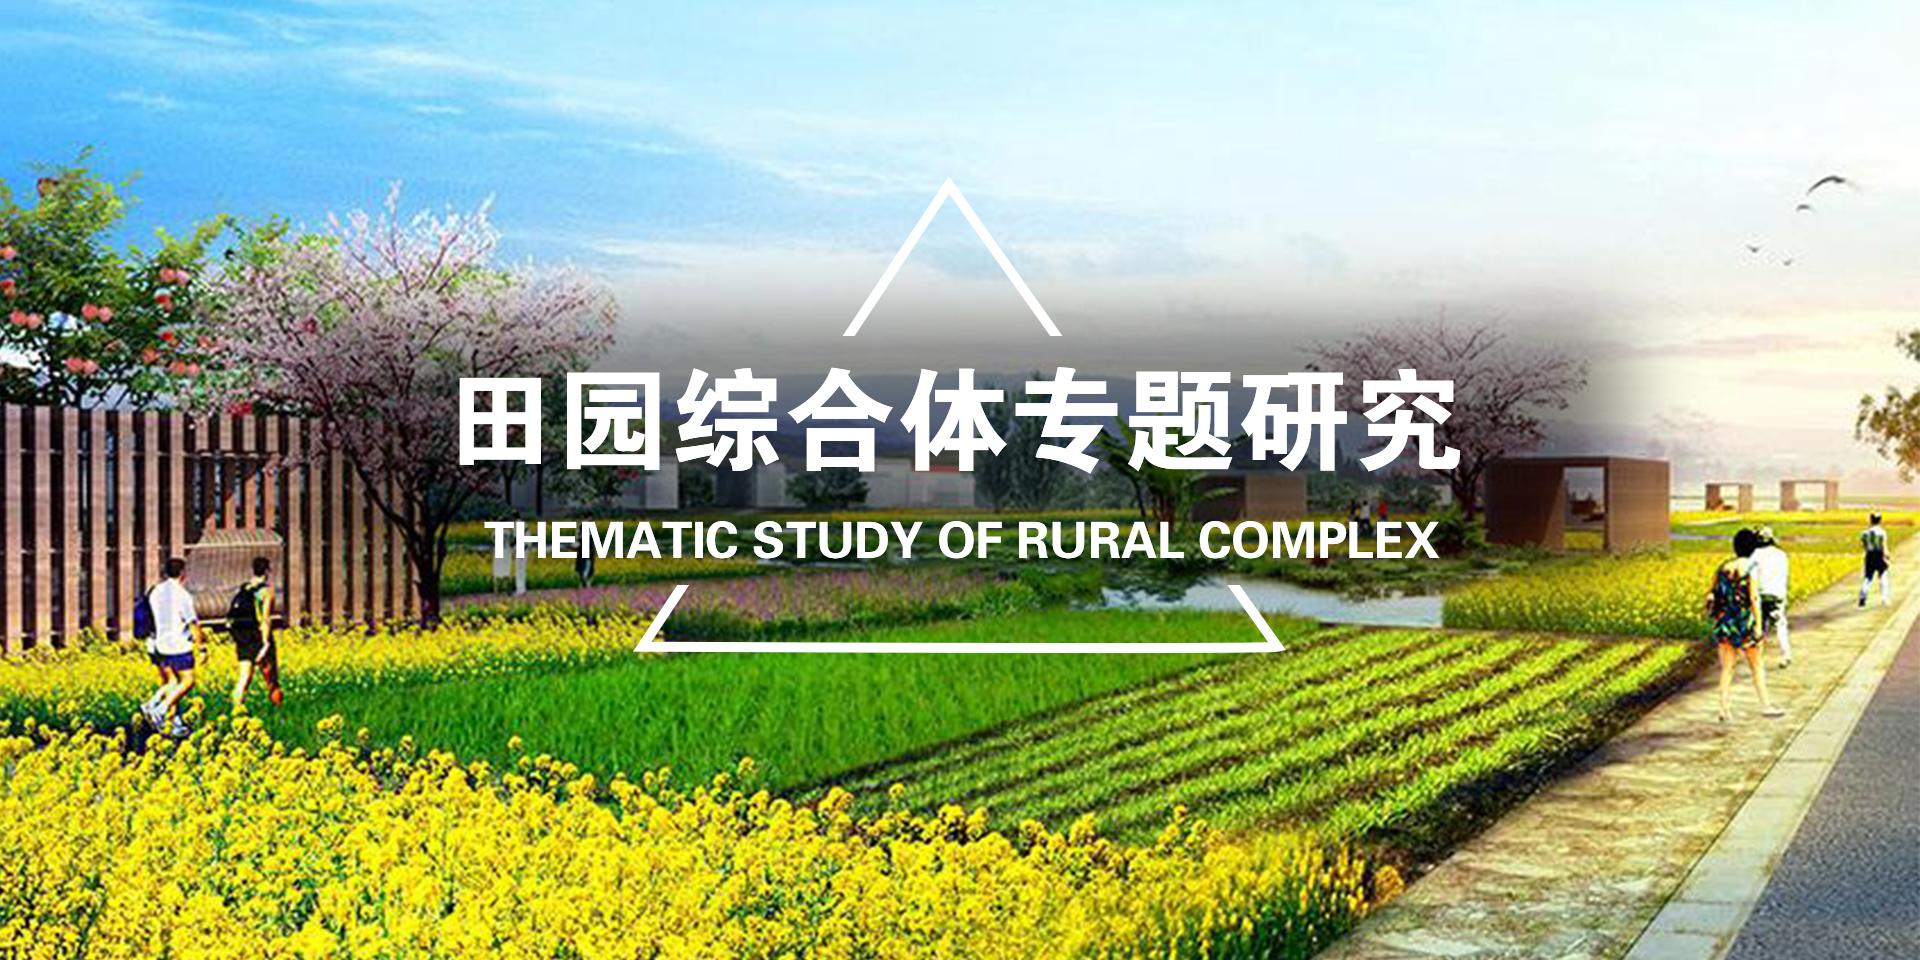 田园综合体专题研究